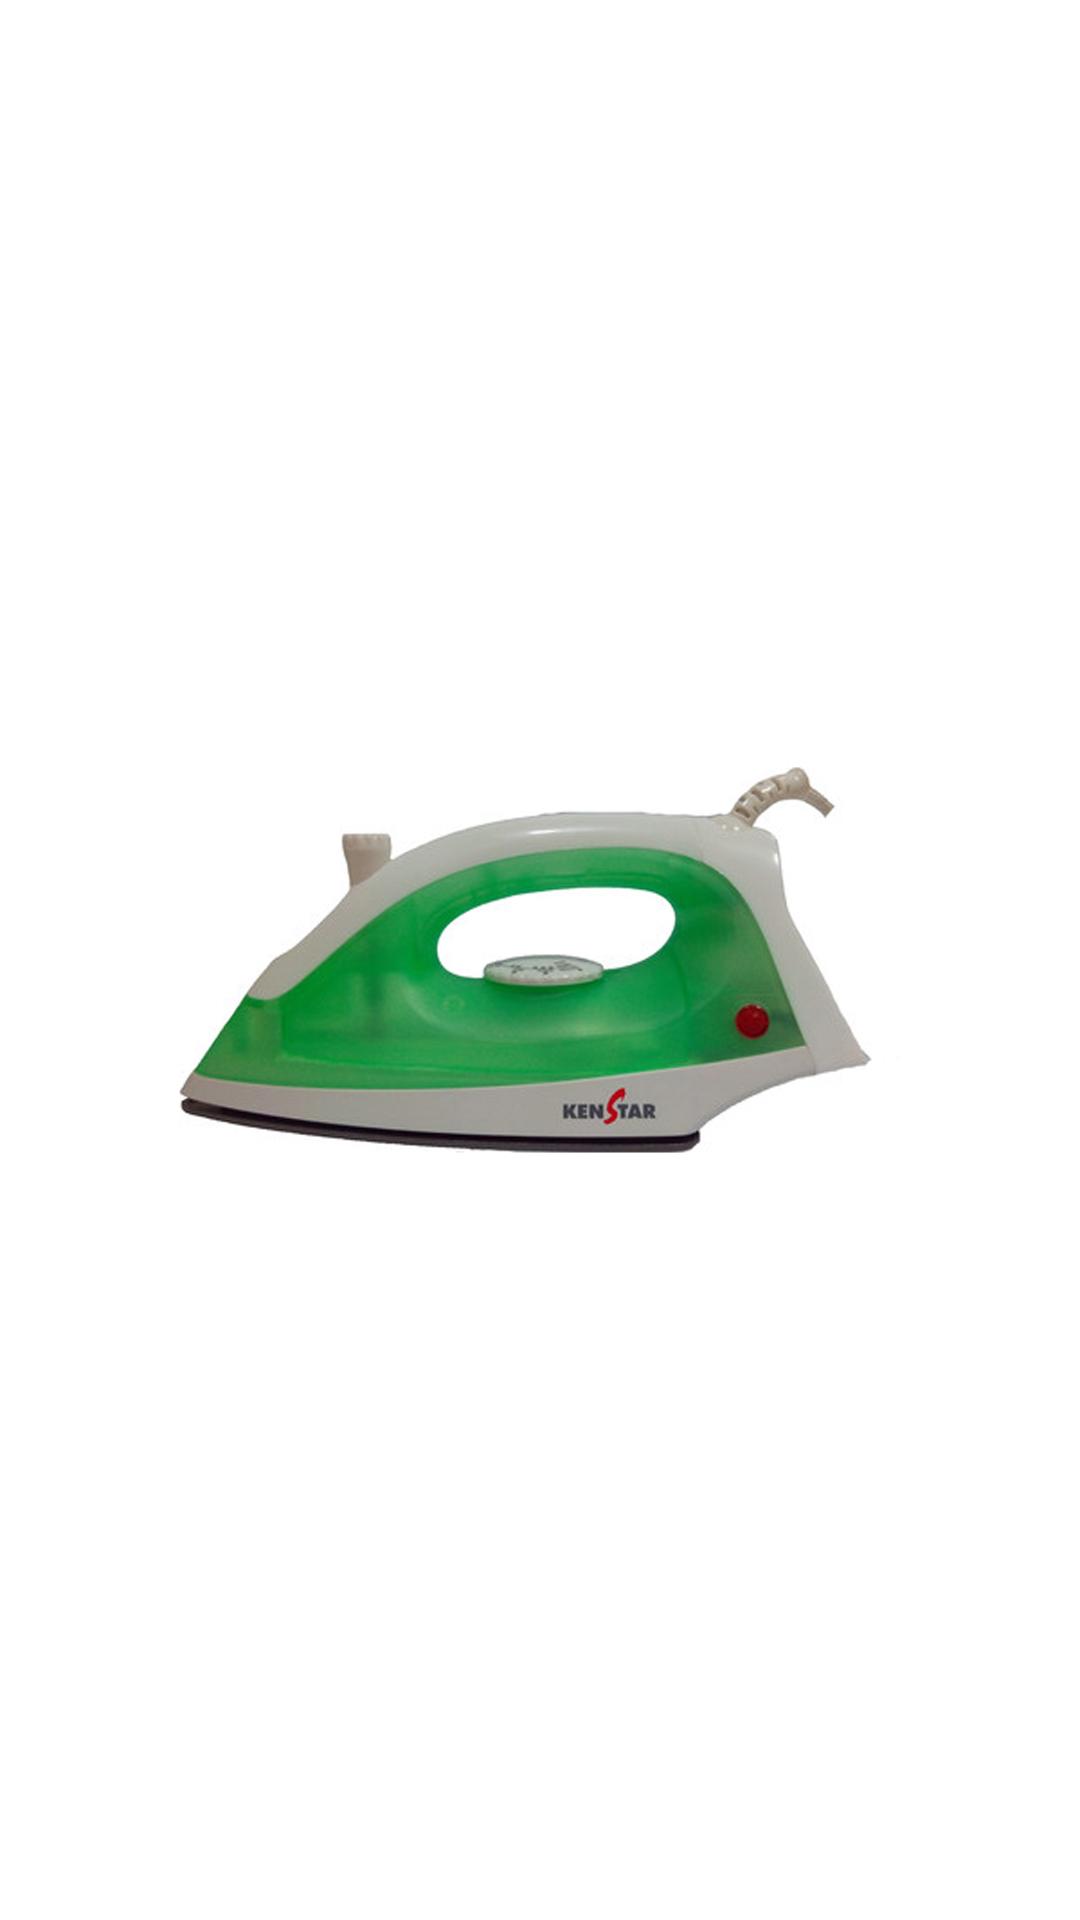 Kenstar Shiney 1200 W Steam Iron (White & Green)